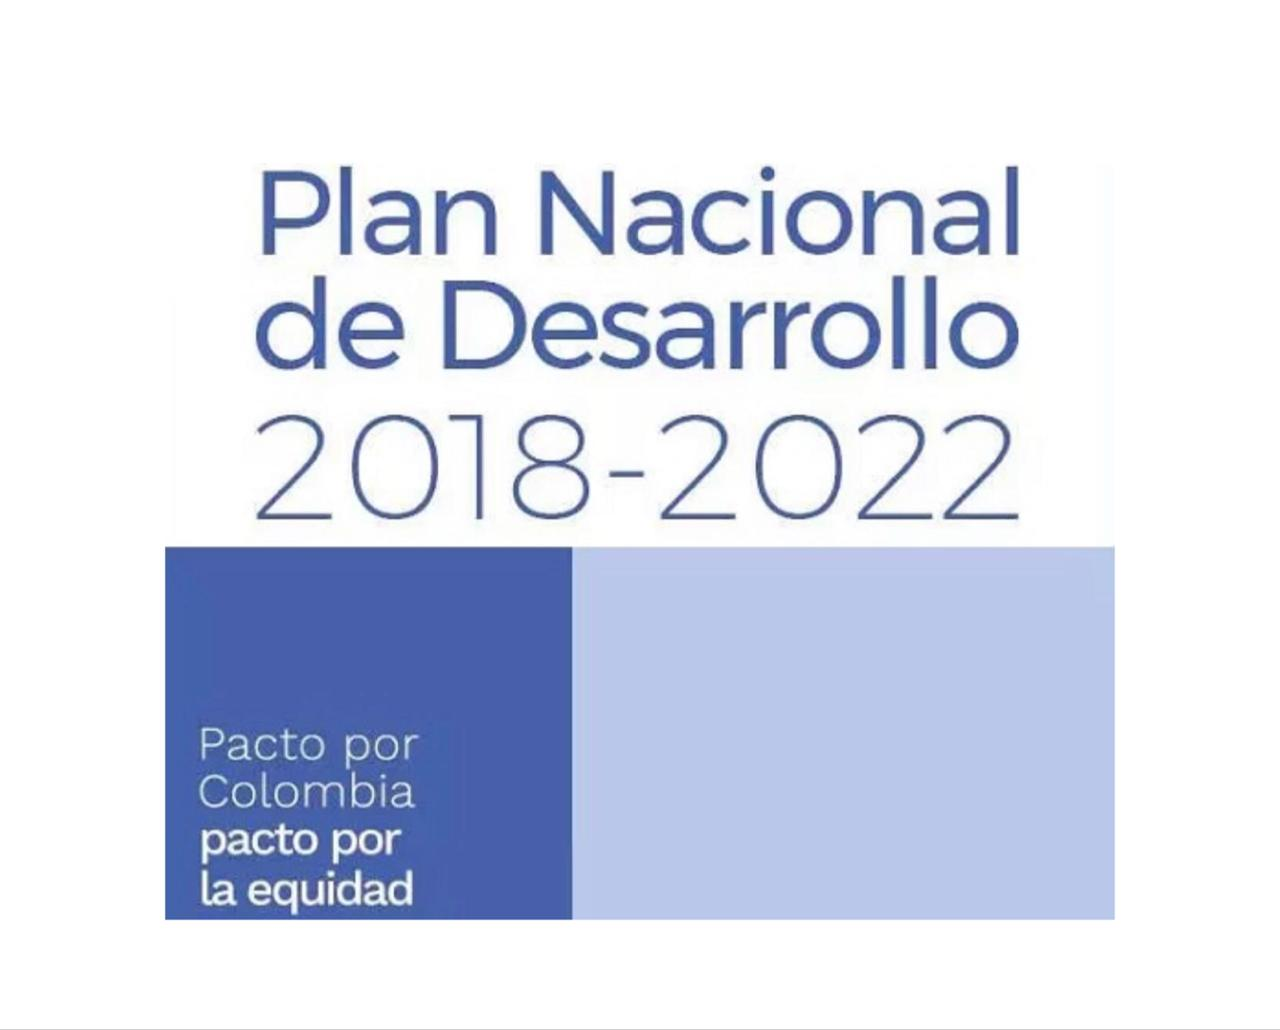 Congresista Lorduy comparte los textos definitivos Plan Nacional de Desarrollo 5